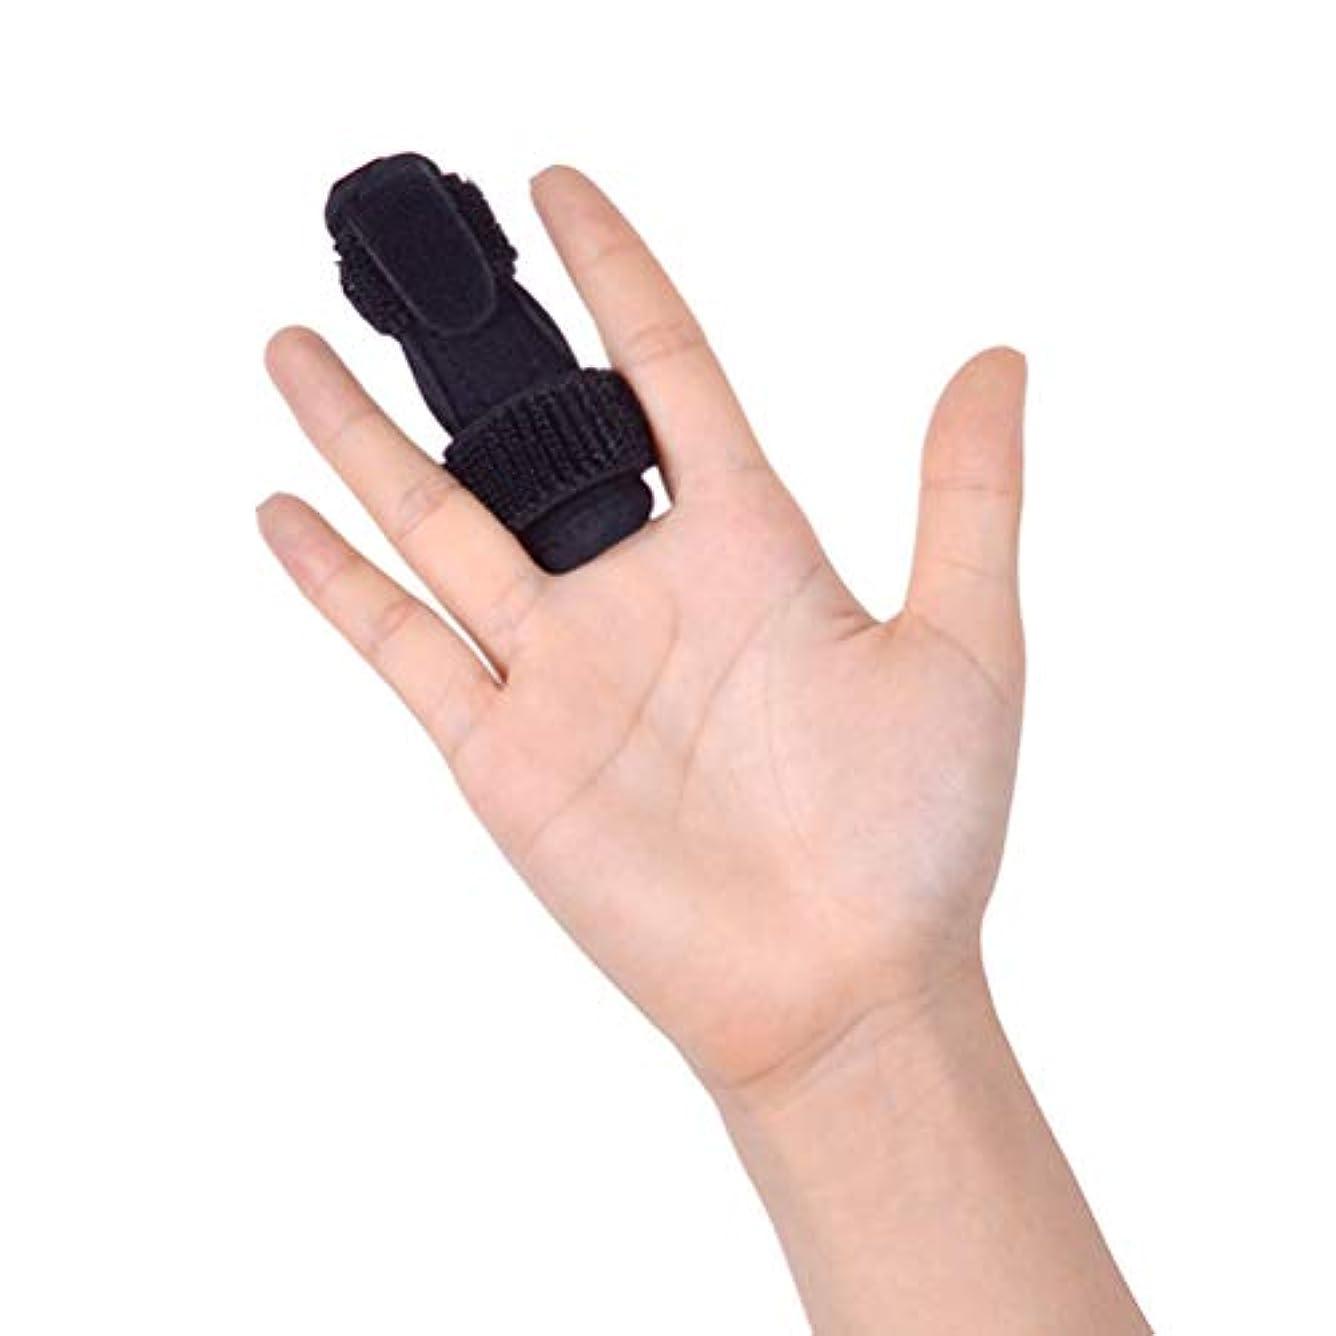 出くわすタイトル有罪Healifty 指の添え木サポートトリガーマレット指ブレース腱の痛みを和らげる